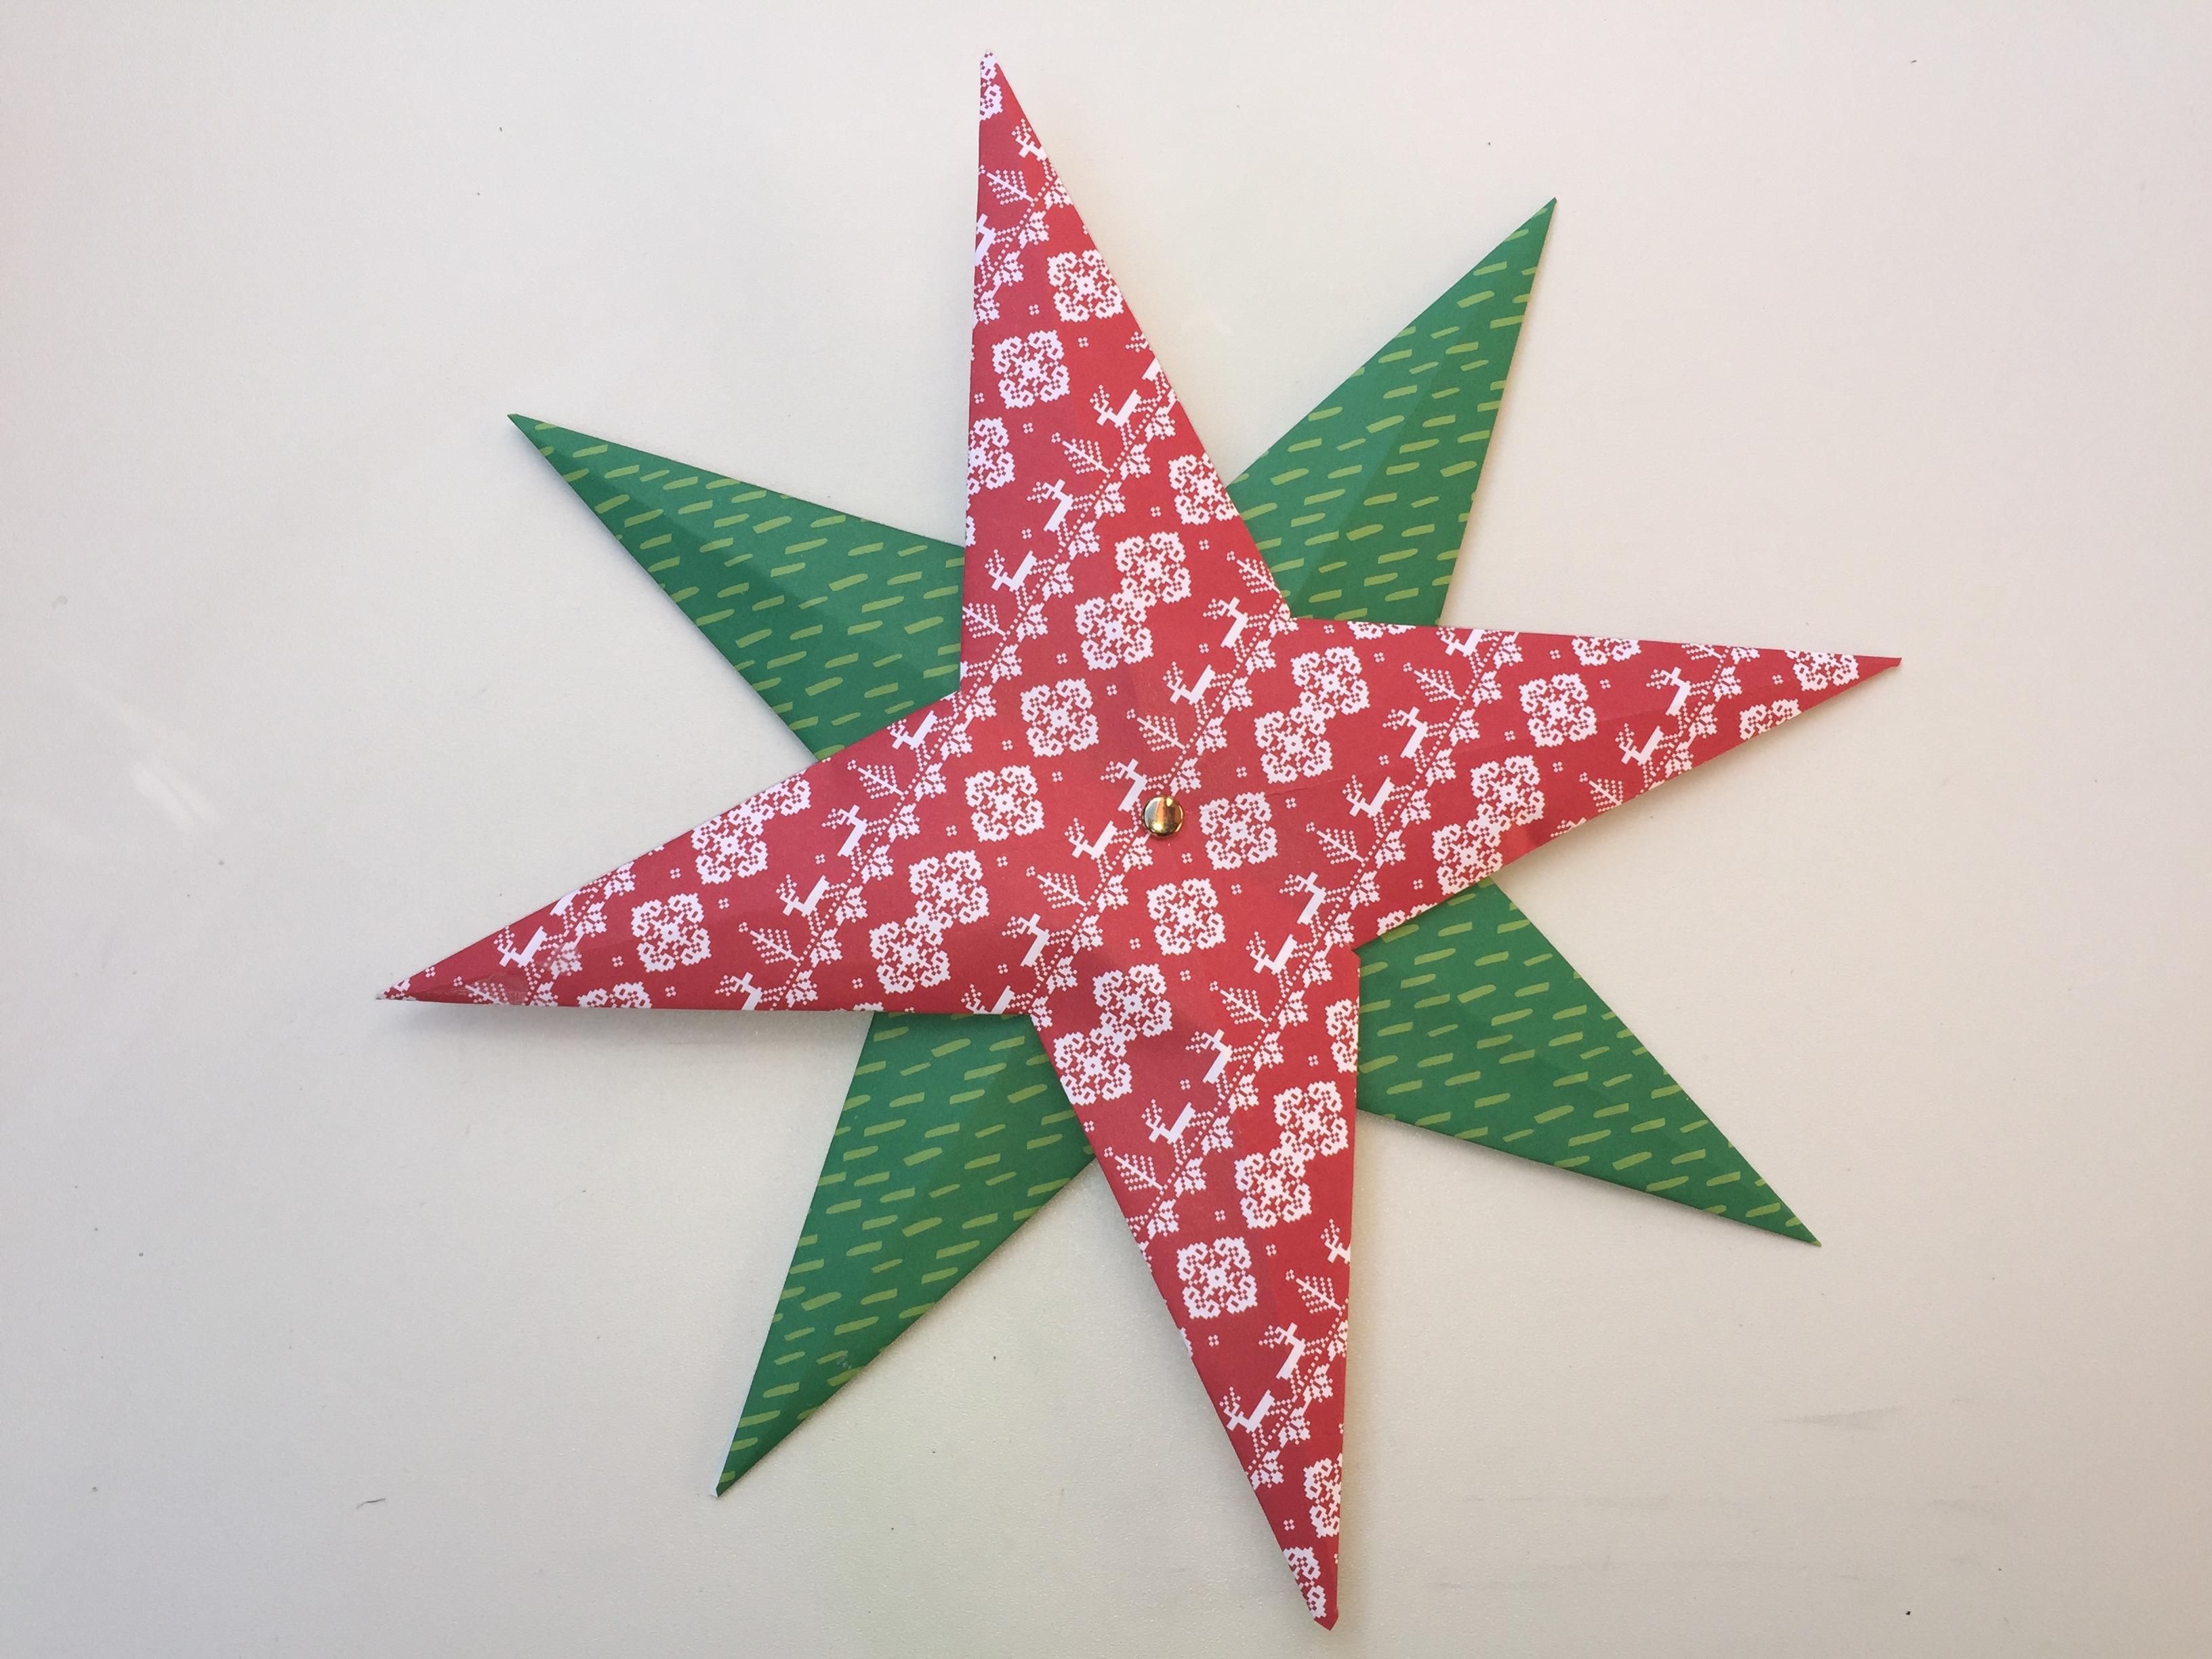 Estrella navidad amazing elegant imagenes grande - Plantilla estrella navidad ...